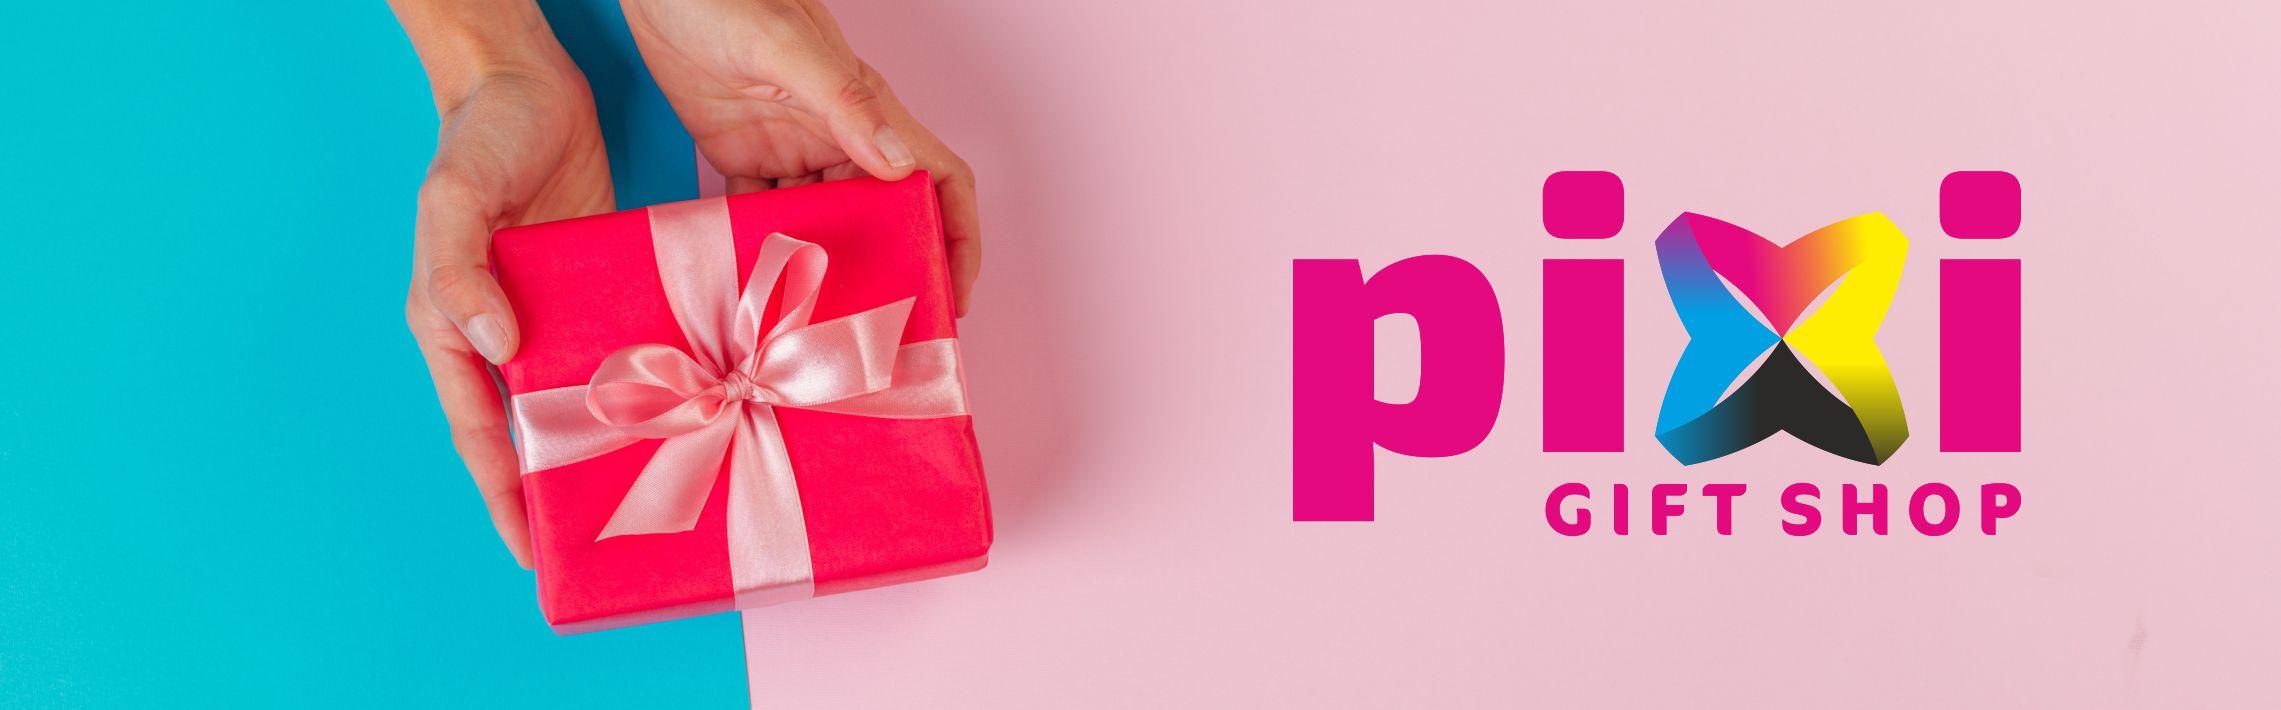 cadouri-personalizate-vaslui-1